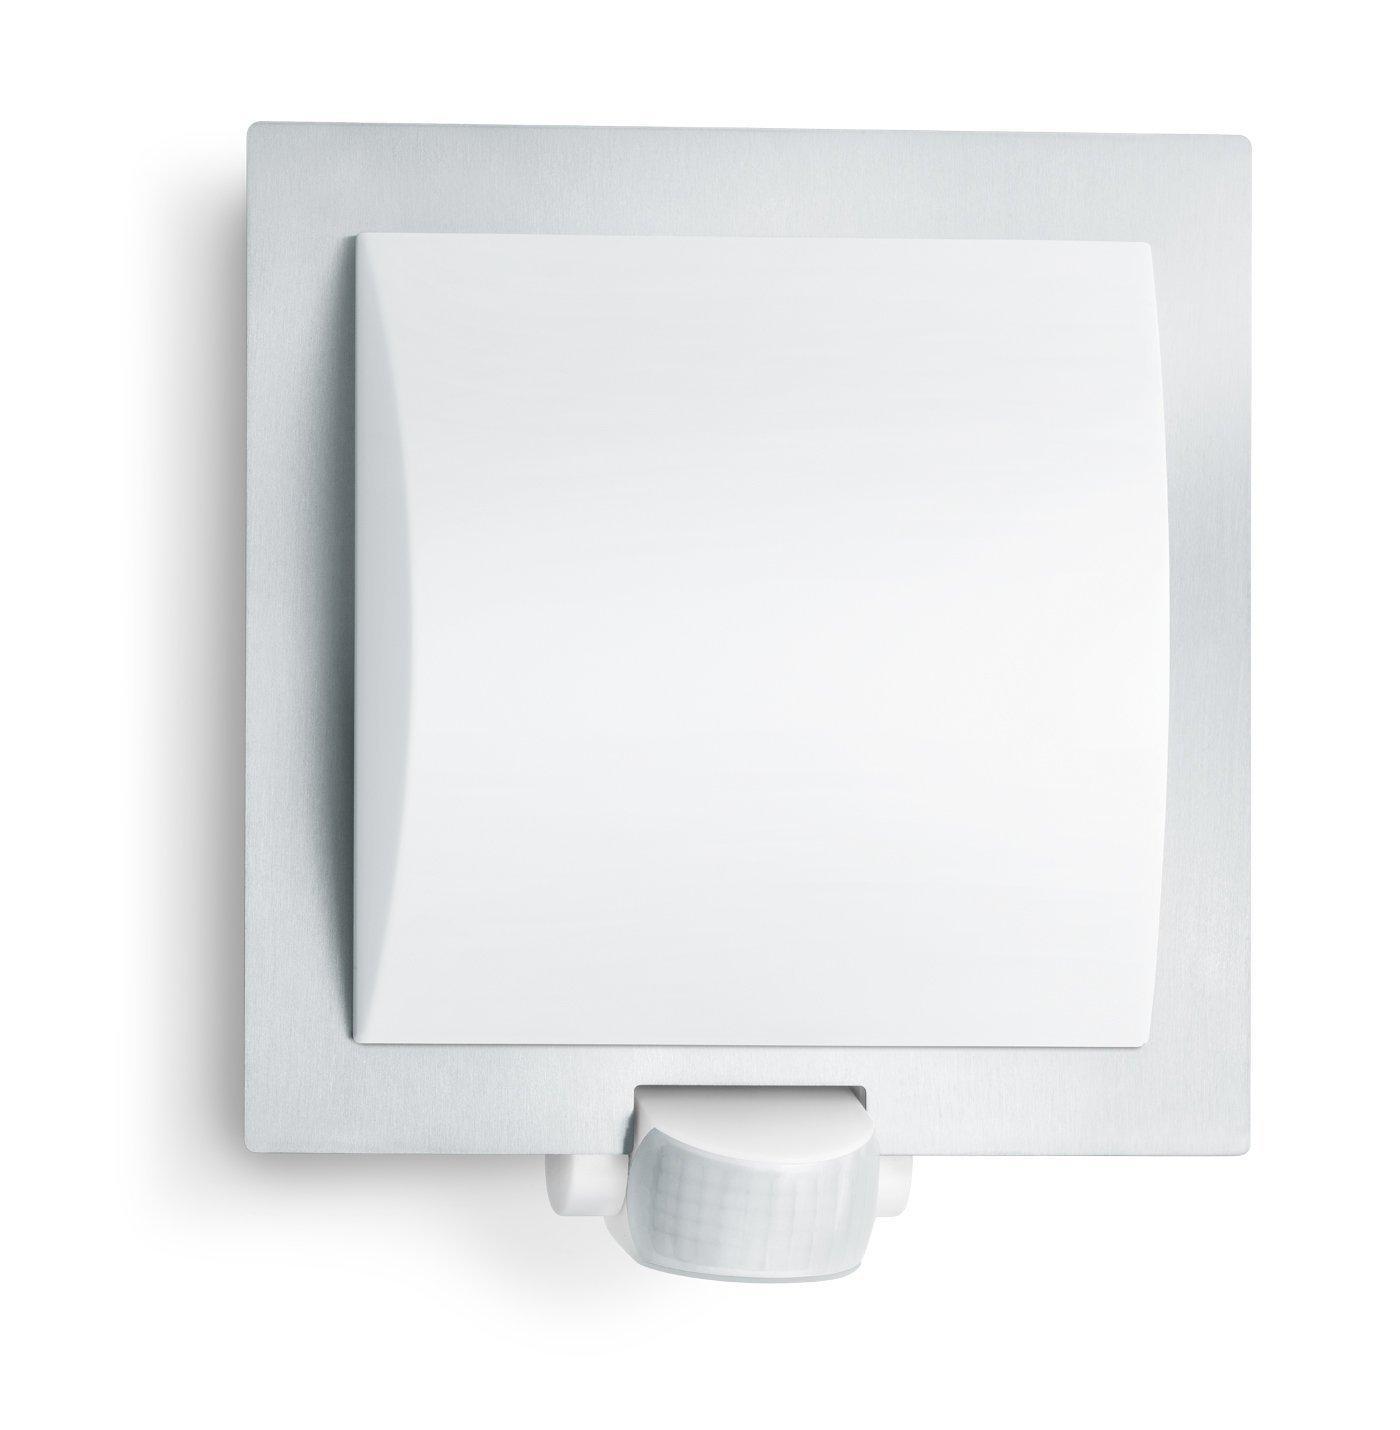 steinel lampada per esterni l 20 s con sensore a raggi infrarossi angolo di rilevamento di 180. Black Bedroom Furniture Sets. Home Design Ideas